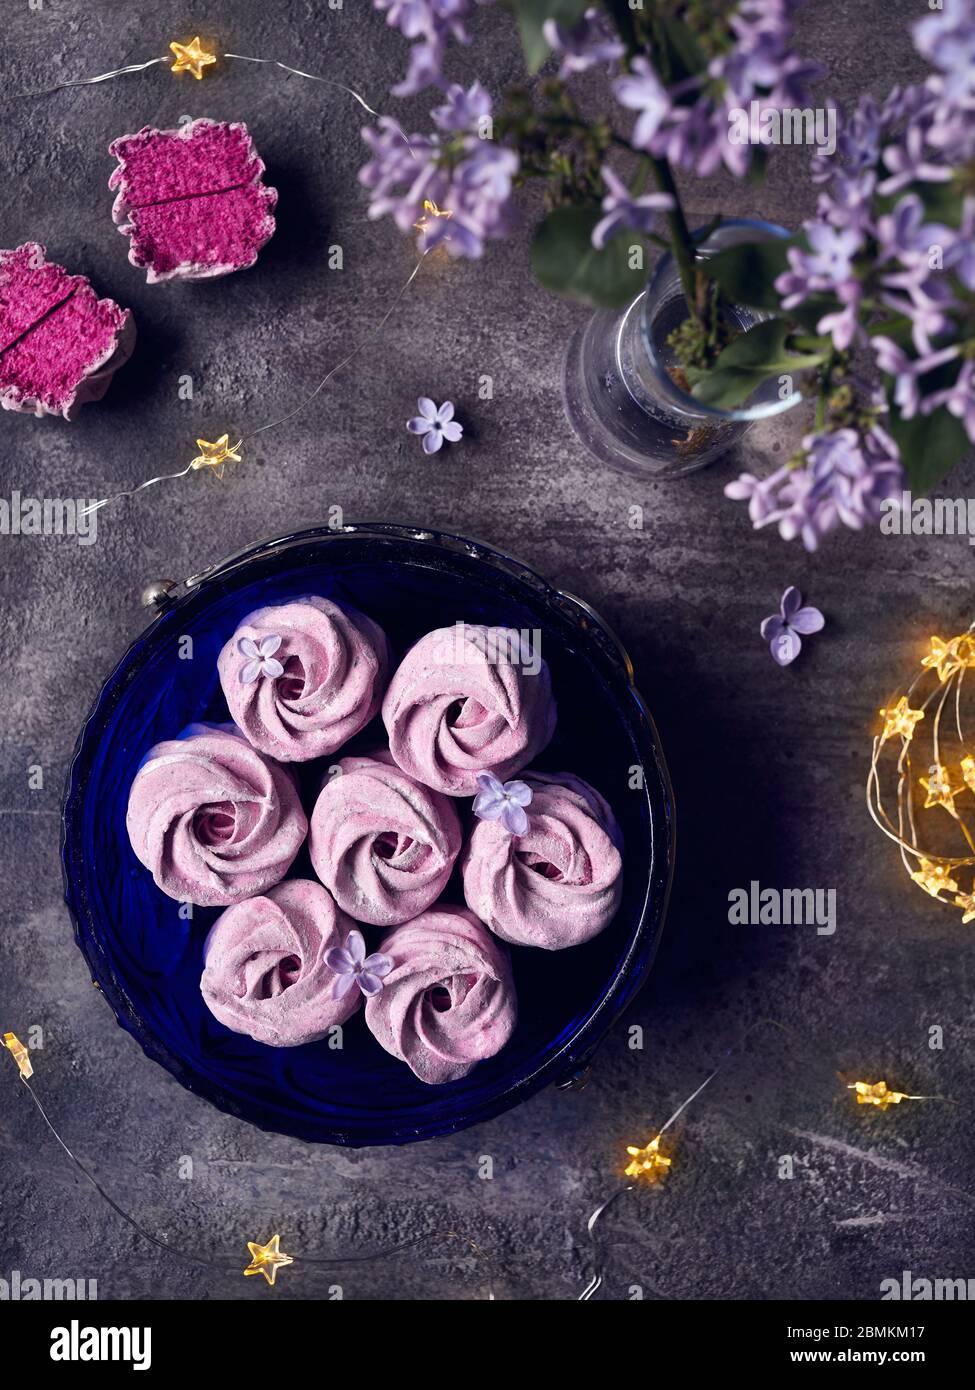 Bleu-violet doux maison Zephyr ou Marshmallow de cassis près des fleurs lilas et des étoiles magiques lumières sur fond sombre vue de dessus Banque D'Images